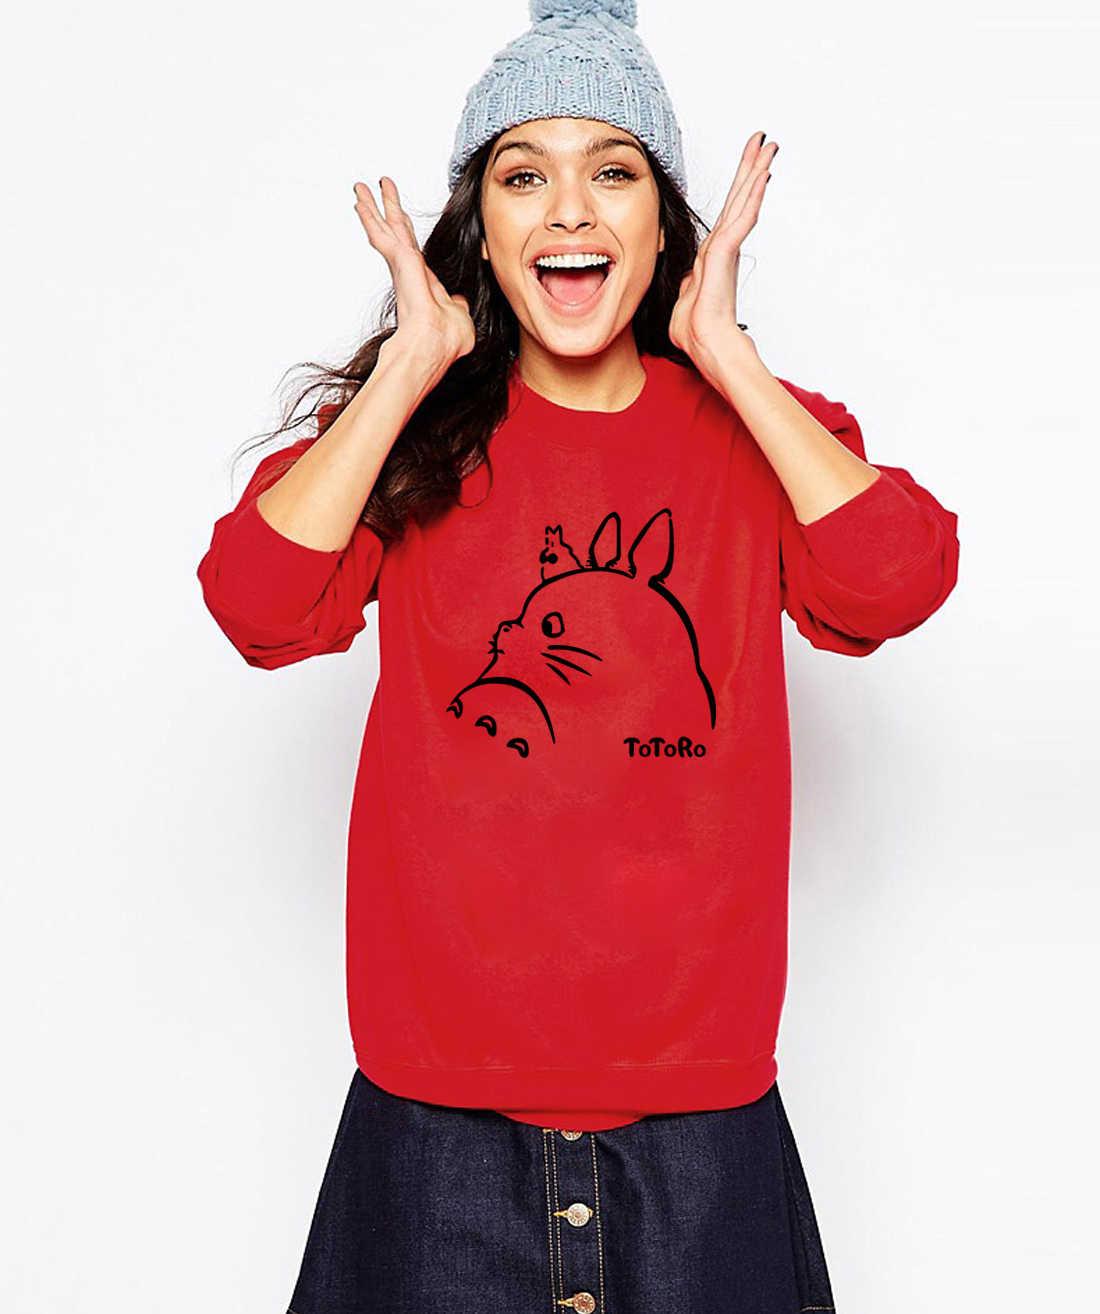 2019 heiße Neue Frauen Hoodies Sweatshirts Cartoon Anime Drucken Frühling Winter Weibliche Sweatshirt Kawaii Dame Hoody Trainingsanzug Harajuku